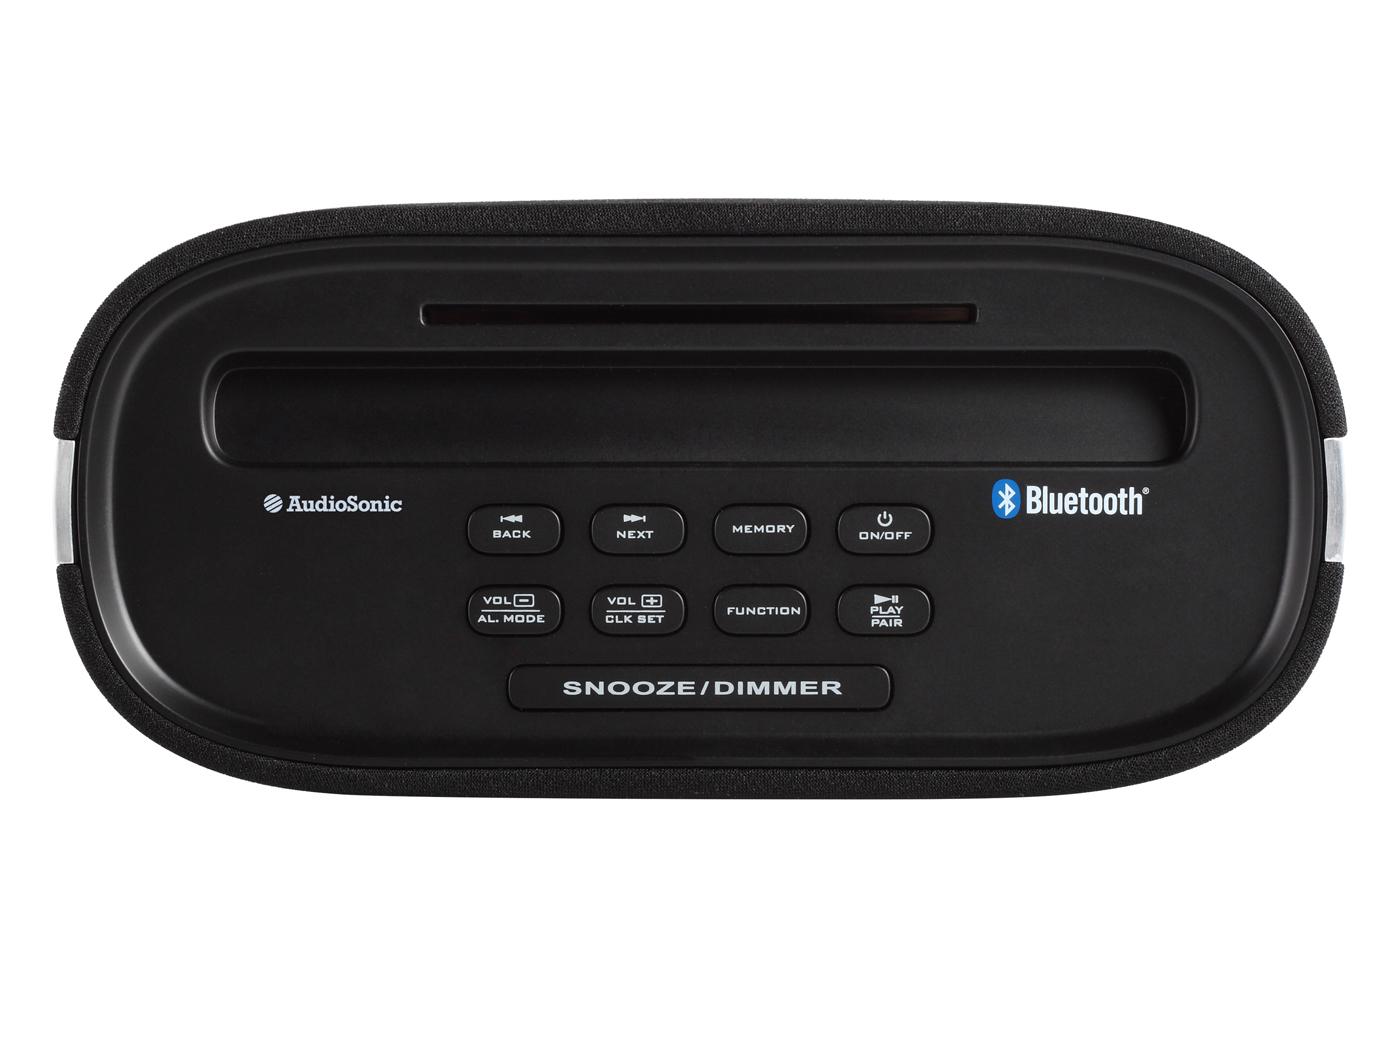 bluetooth radiowecker mit usb anschluss schwarz display digital fm radio ebay. Black Bedroom Furniture Sets. Home Design Ideas